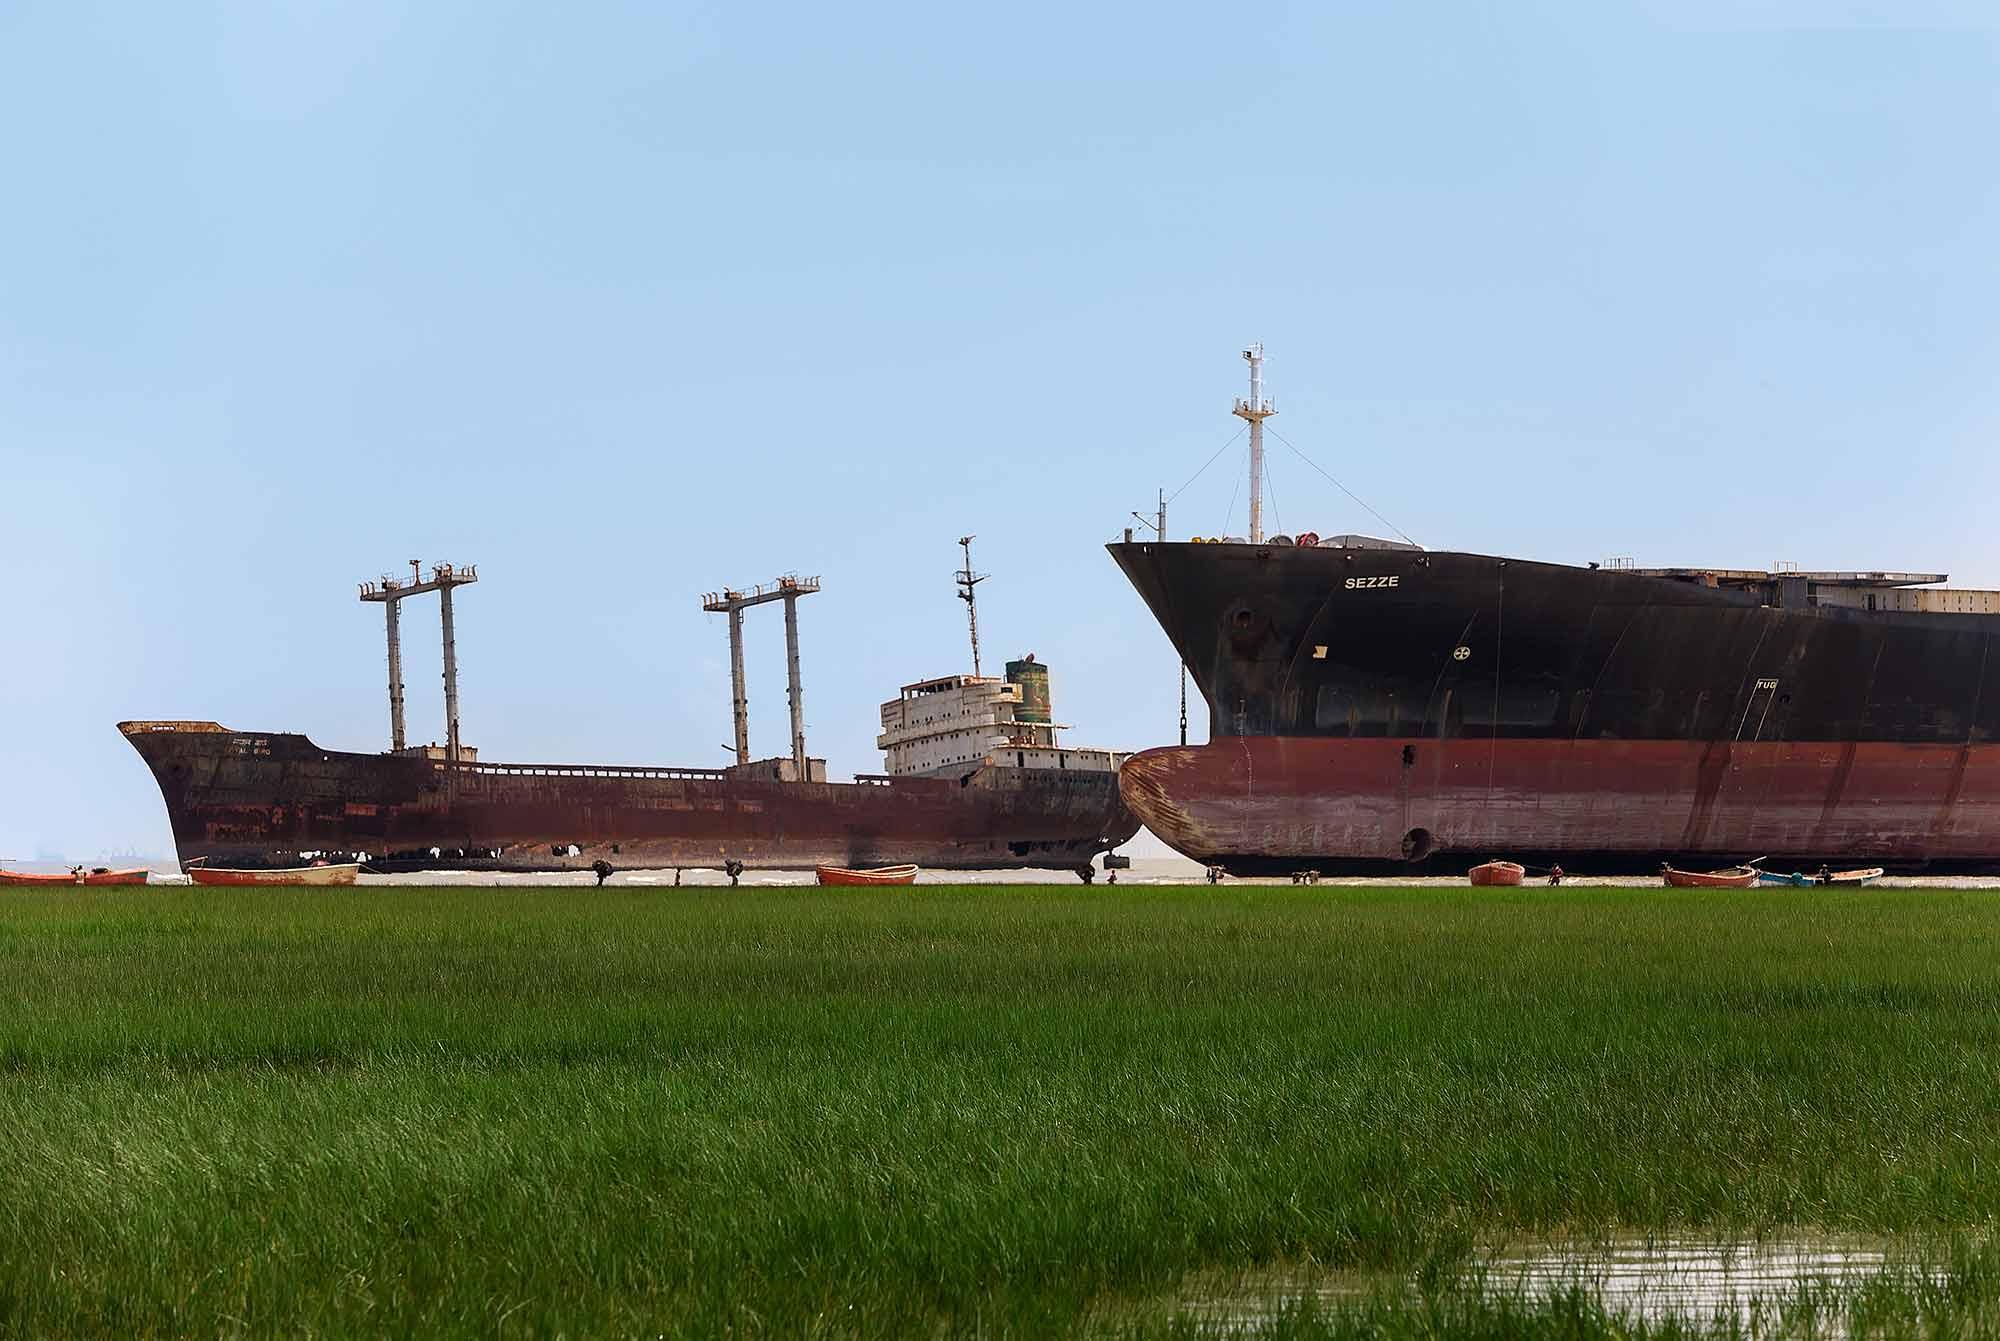 At the ship breaking yard in Chittagong, Bangladesh. © Ulli Maier & Nisa Maier